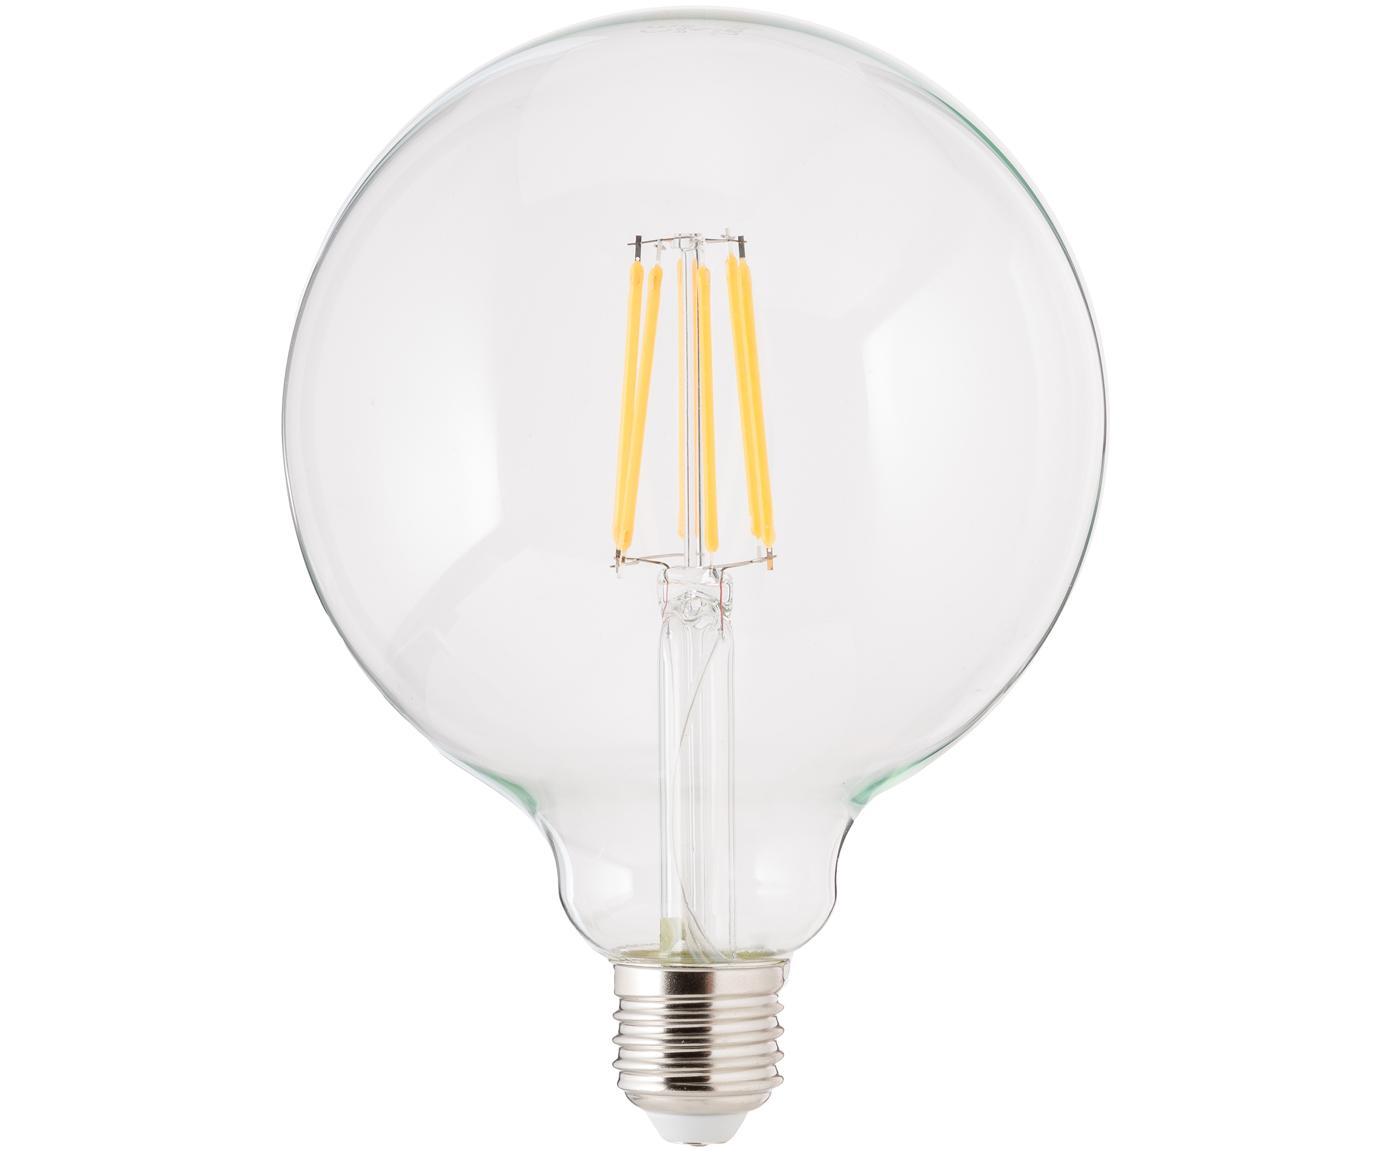 Lampadina dimmerabile Fenel (E27 / 8Watt), Lampadina: vetro, Trasparente, Ø 12 x A 18 cm